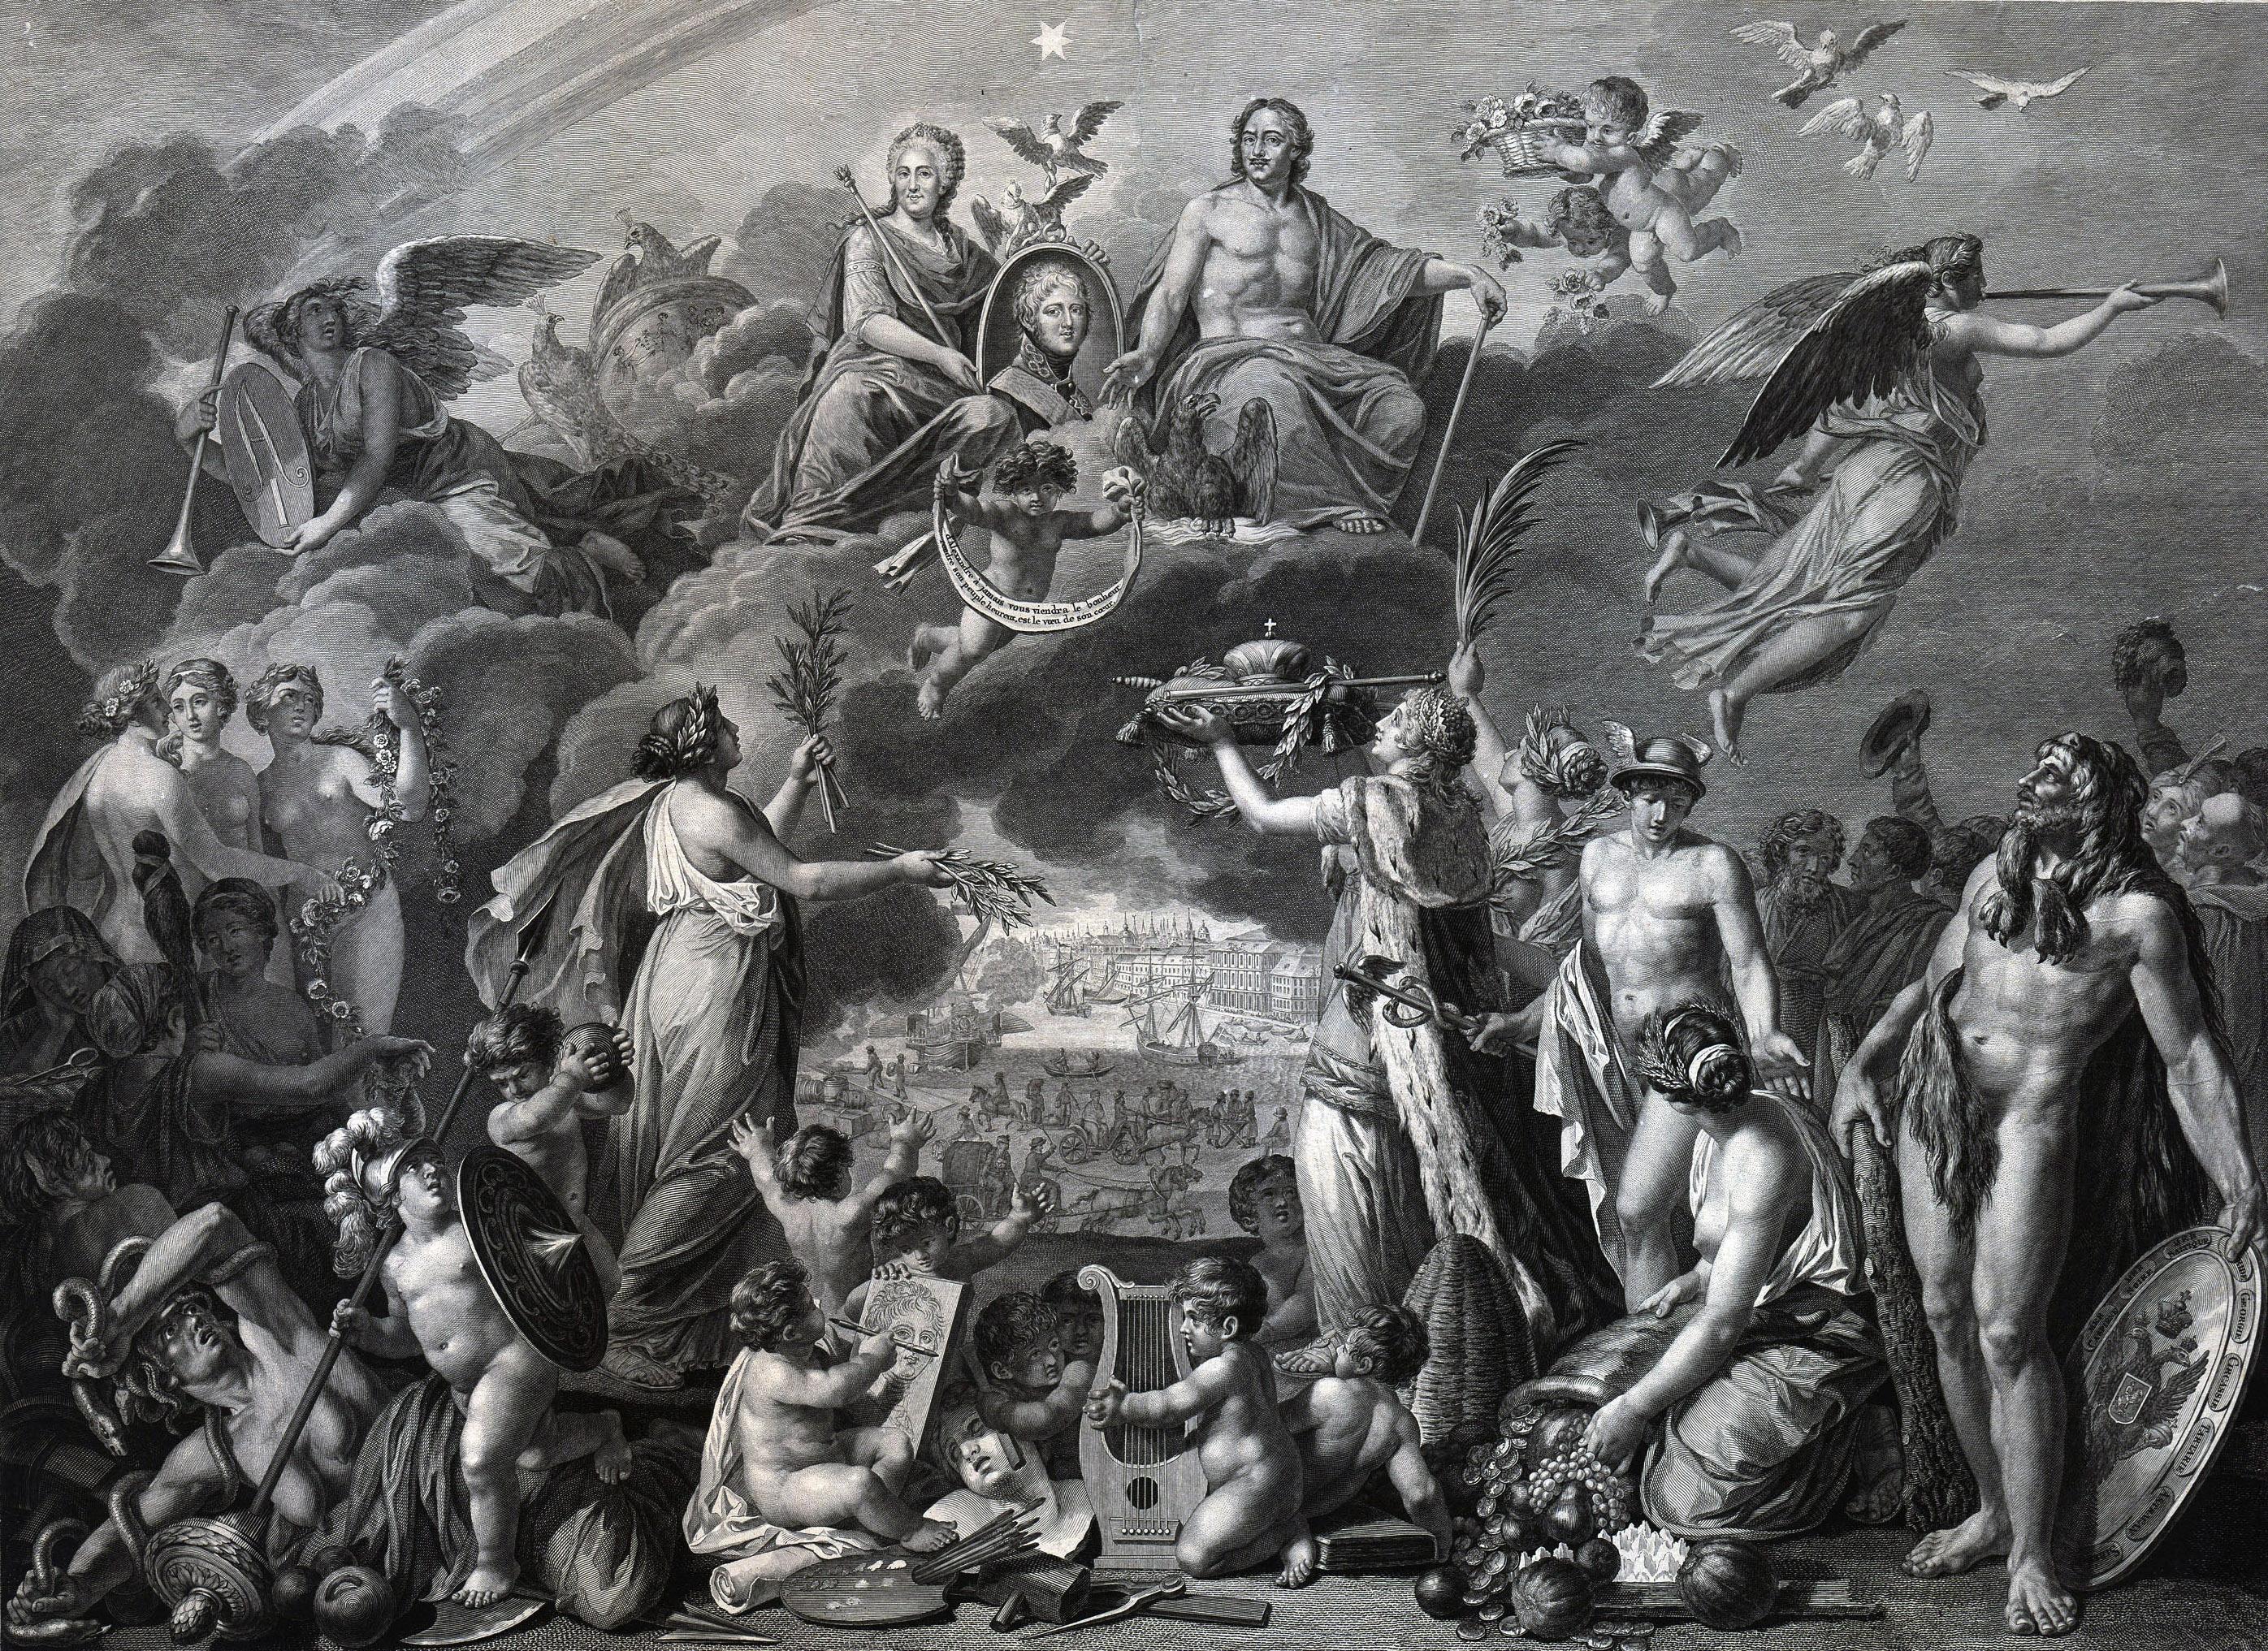 Мейс Фердинанд, де [Meys Ferdinand, de] Гравюра «На случай созшествия на российский престол Государя императора Александра I»(отпечатано в Париже)